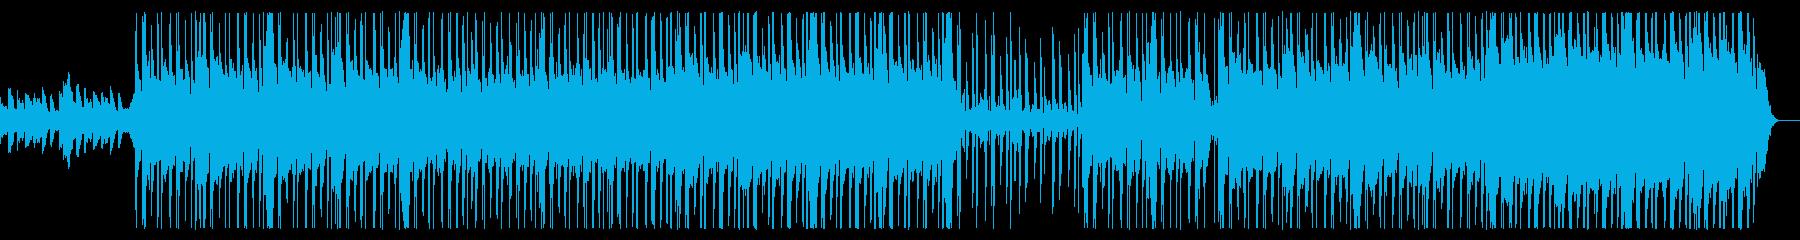 ダークなHip Hopなビートの曲の再生済みの波形